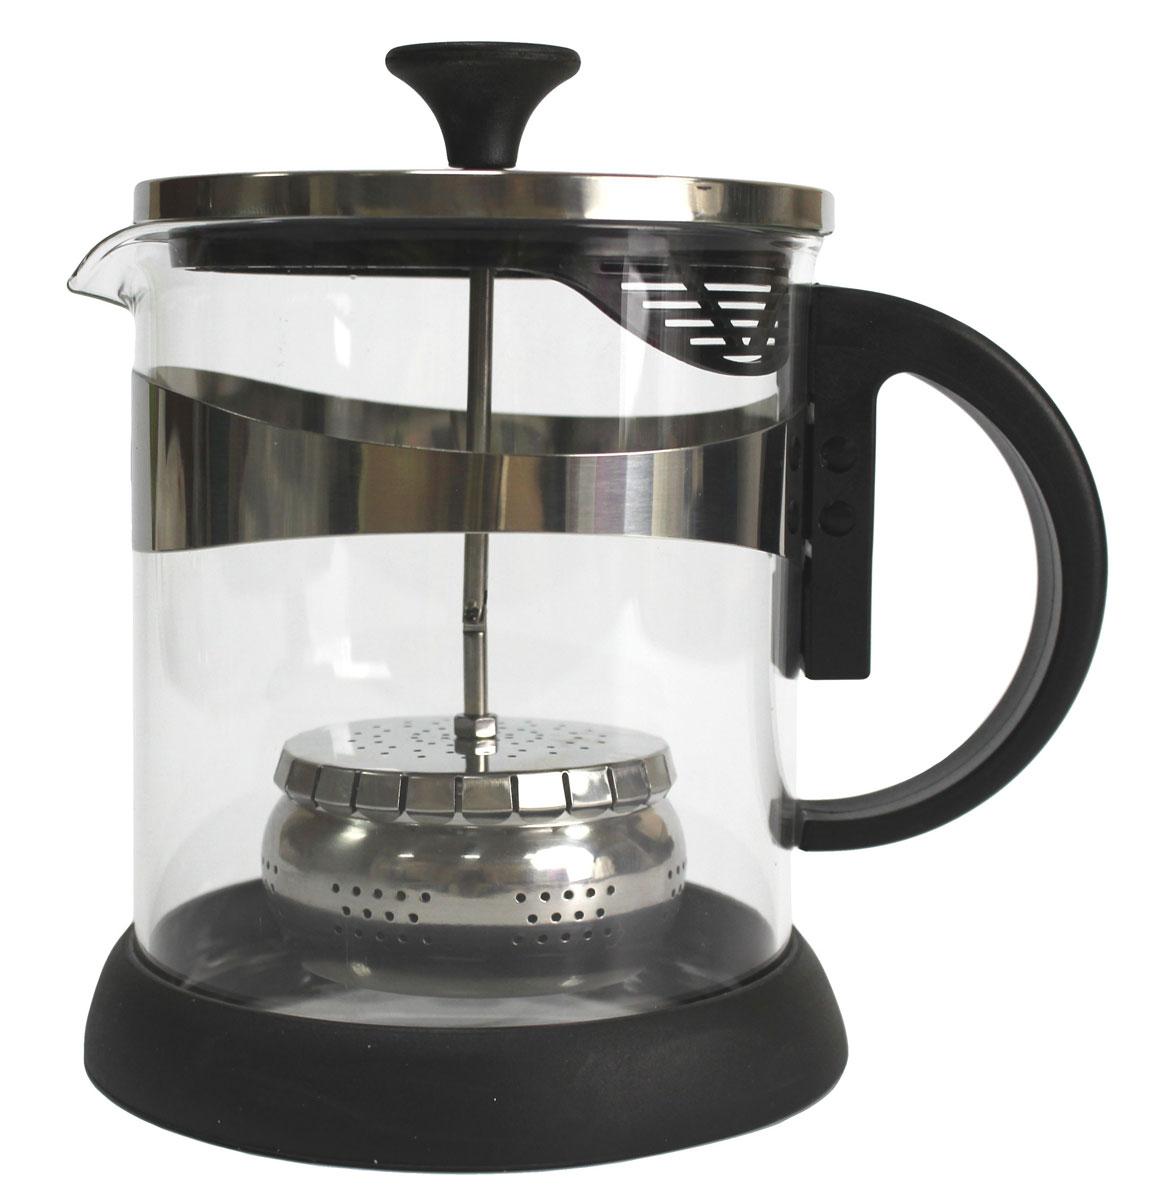 Чайник заварочный Vetta, 1,2 л850131Заварочный чайник Vetta, изготовленный из термостойкого стекла и полипропилена, предоставит вам все необходимые возможности для успешного заваривания чая. Чай в таком чайнике дольше остается горячим, а полезные и ароматические вещества полностью сохраняются в напитке. Чайник оснащен фильтром, который выполнен из нержавеющей стали. Простой и удобный чайник поможет вам приготовить крепкий, ароматный чай.